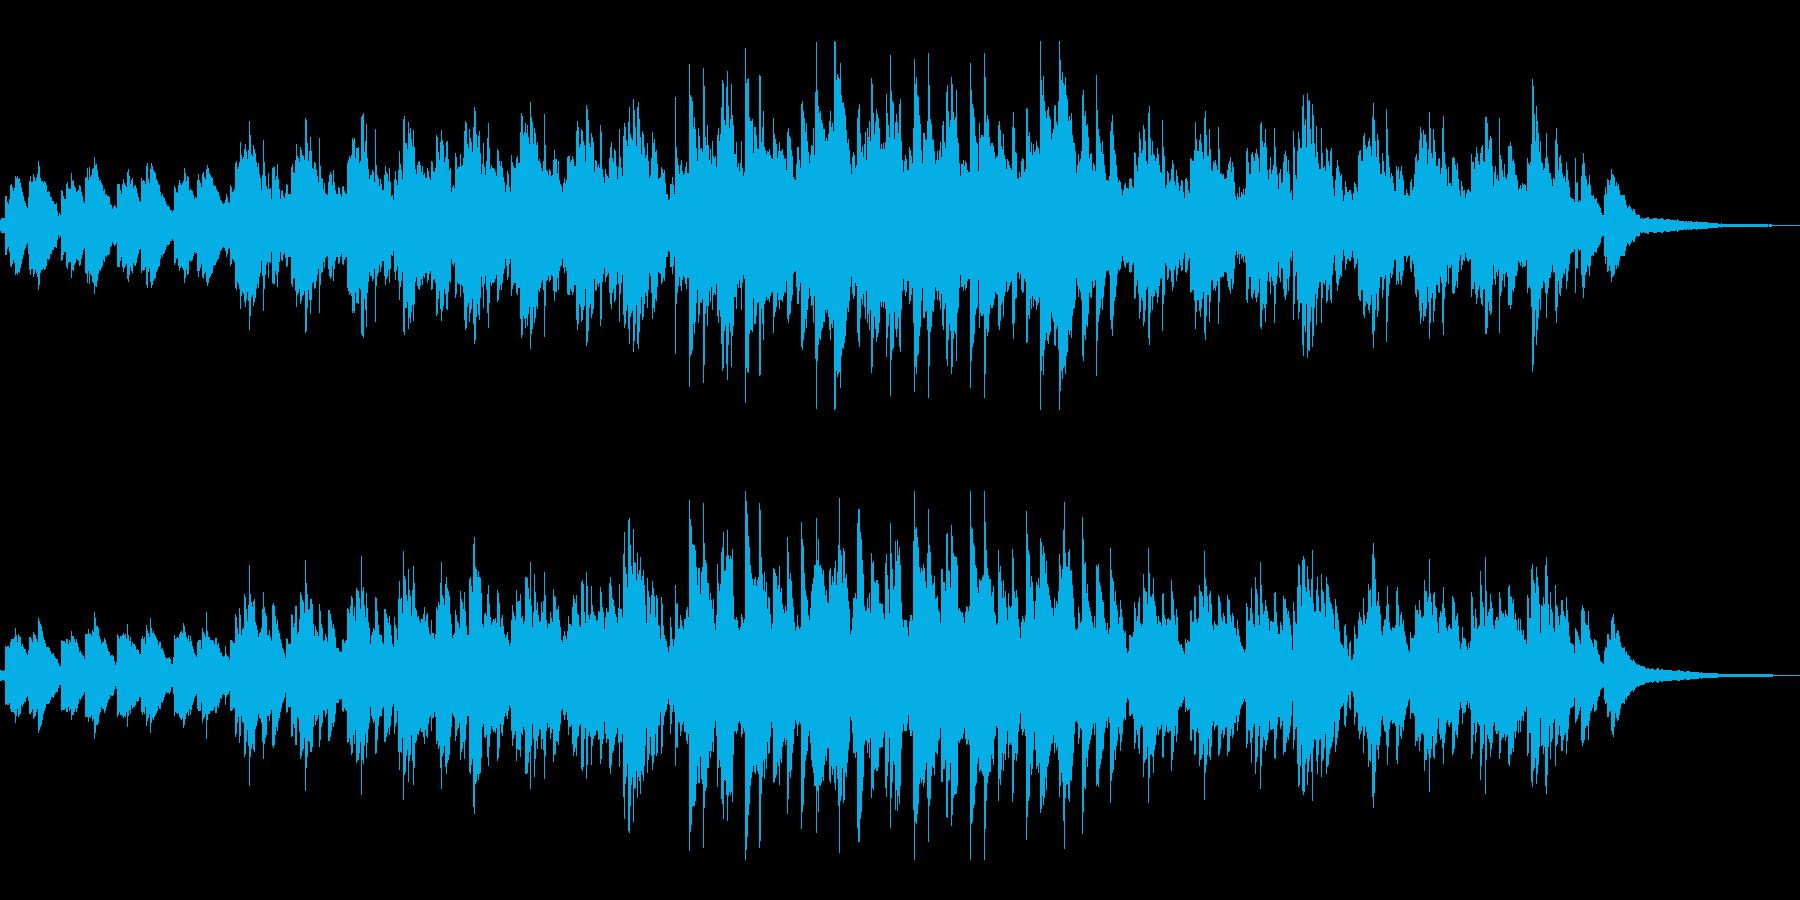 穏やかで流れる水のようなピアノ曲の再生済みの波形